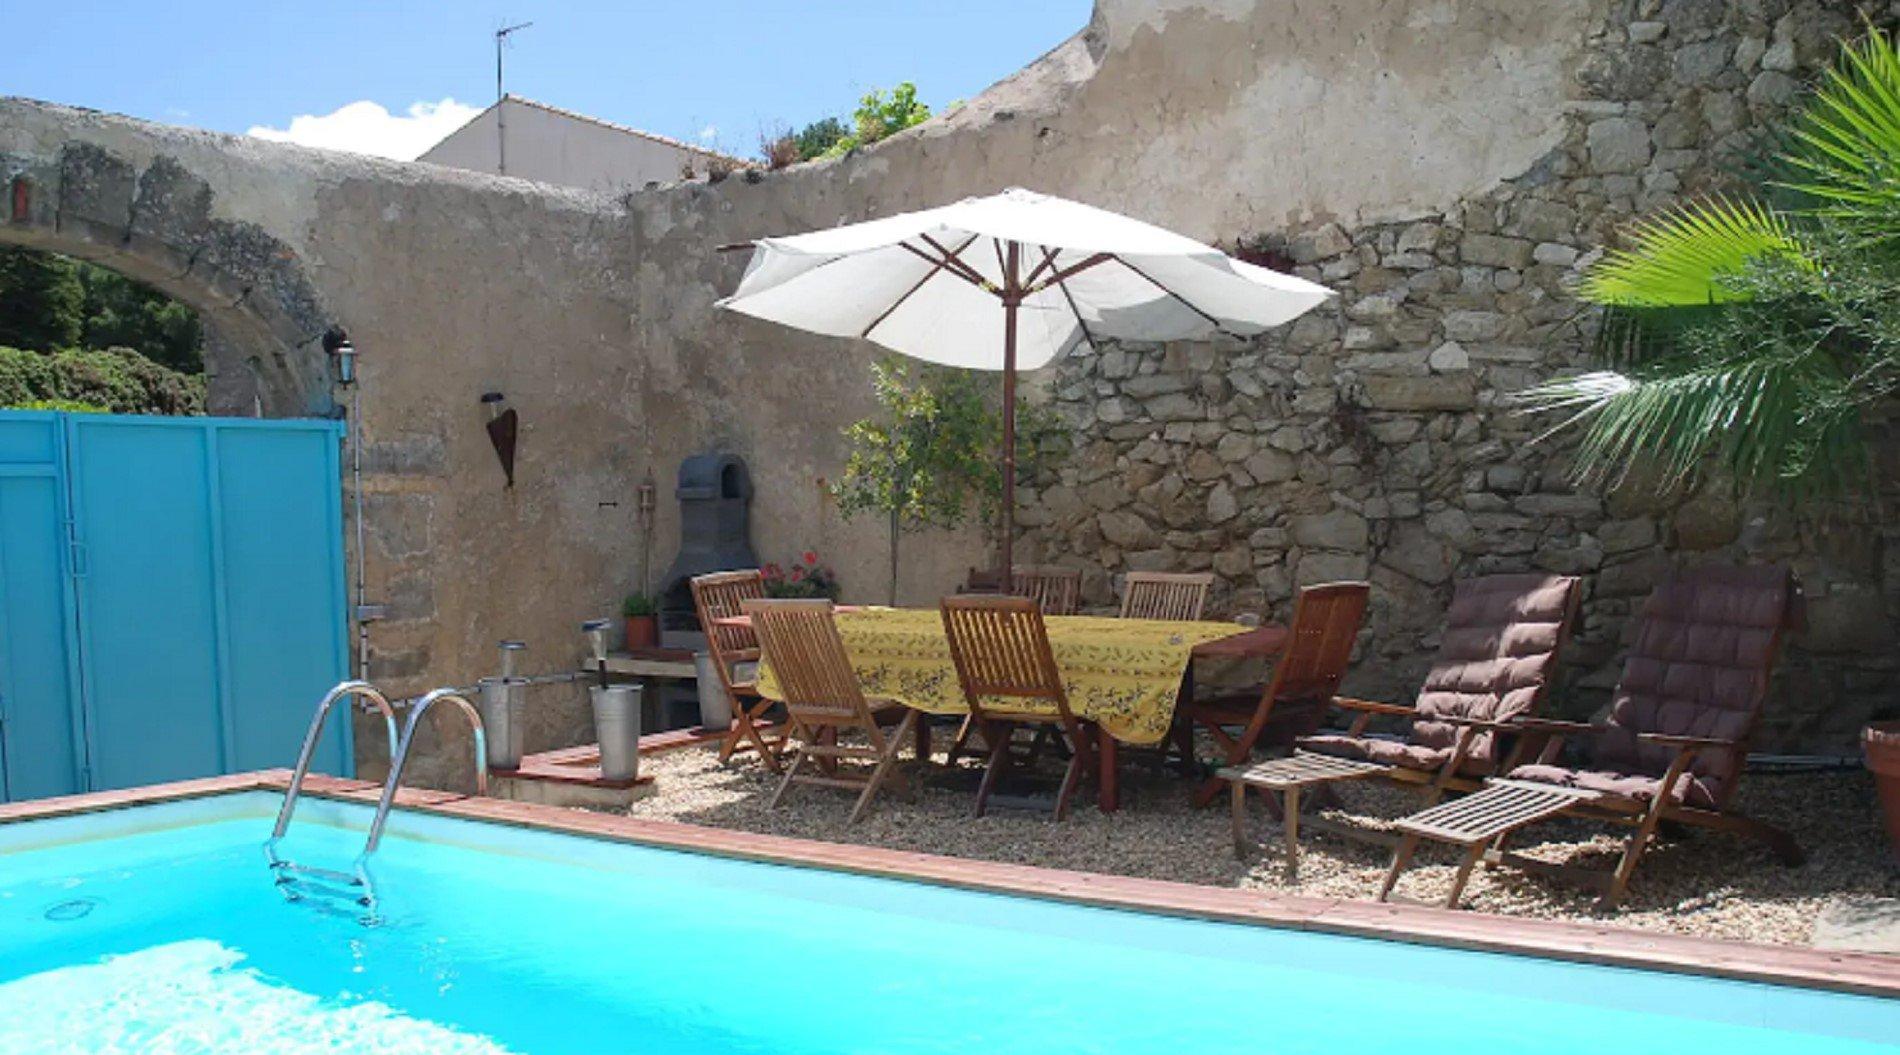 Vinbondehus med innergård och pool